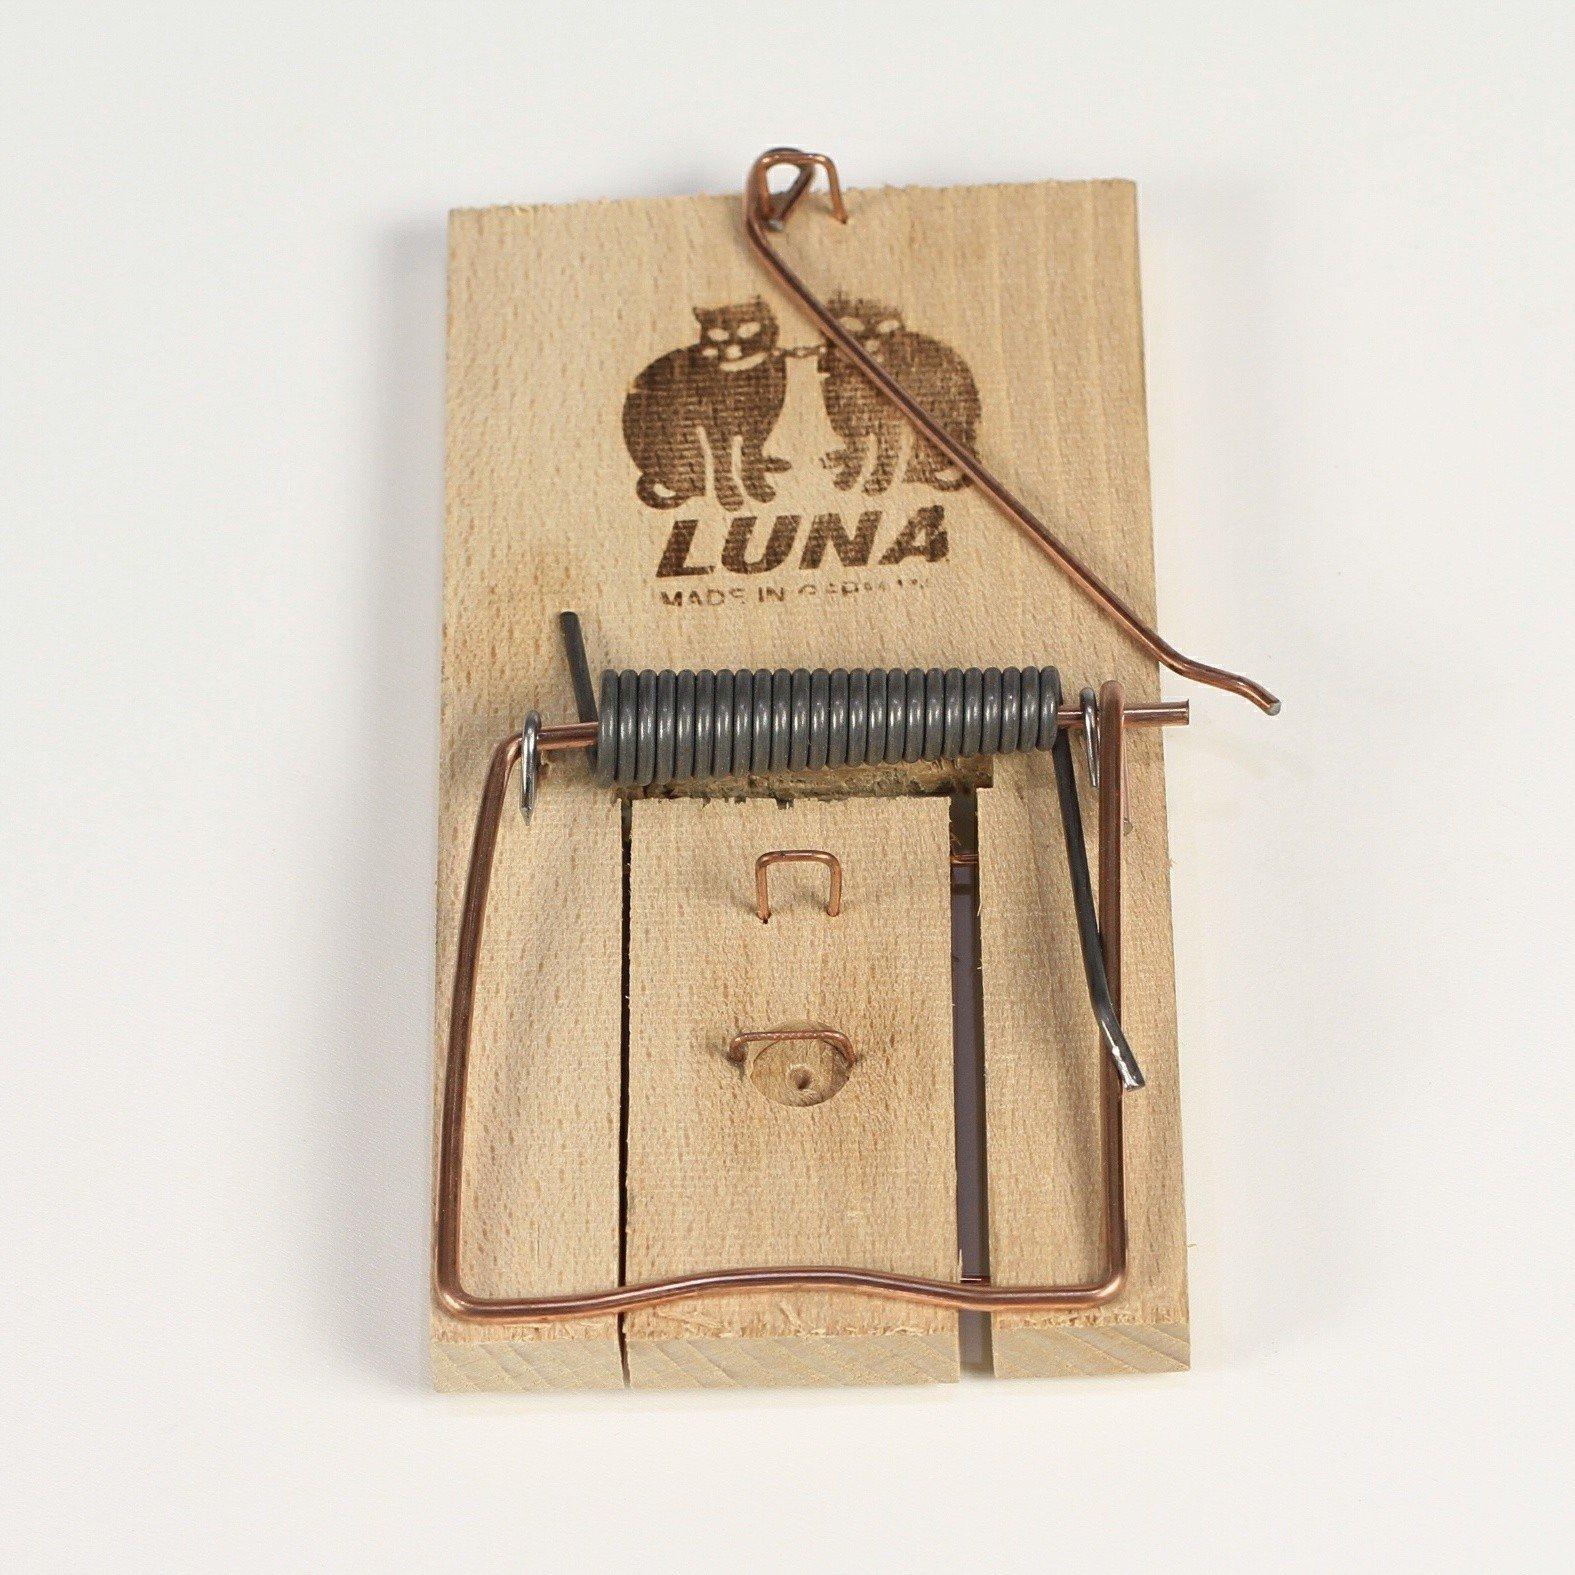 Houten rattenval Luna 01118